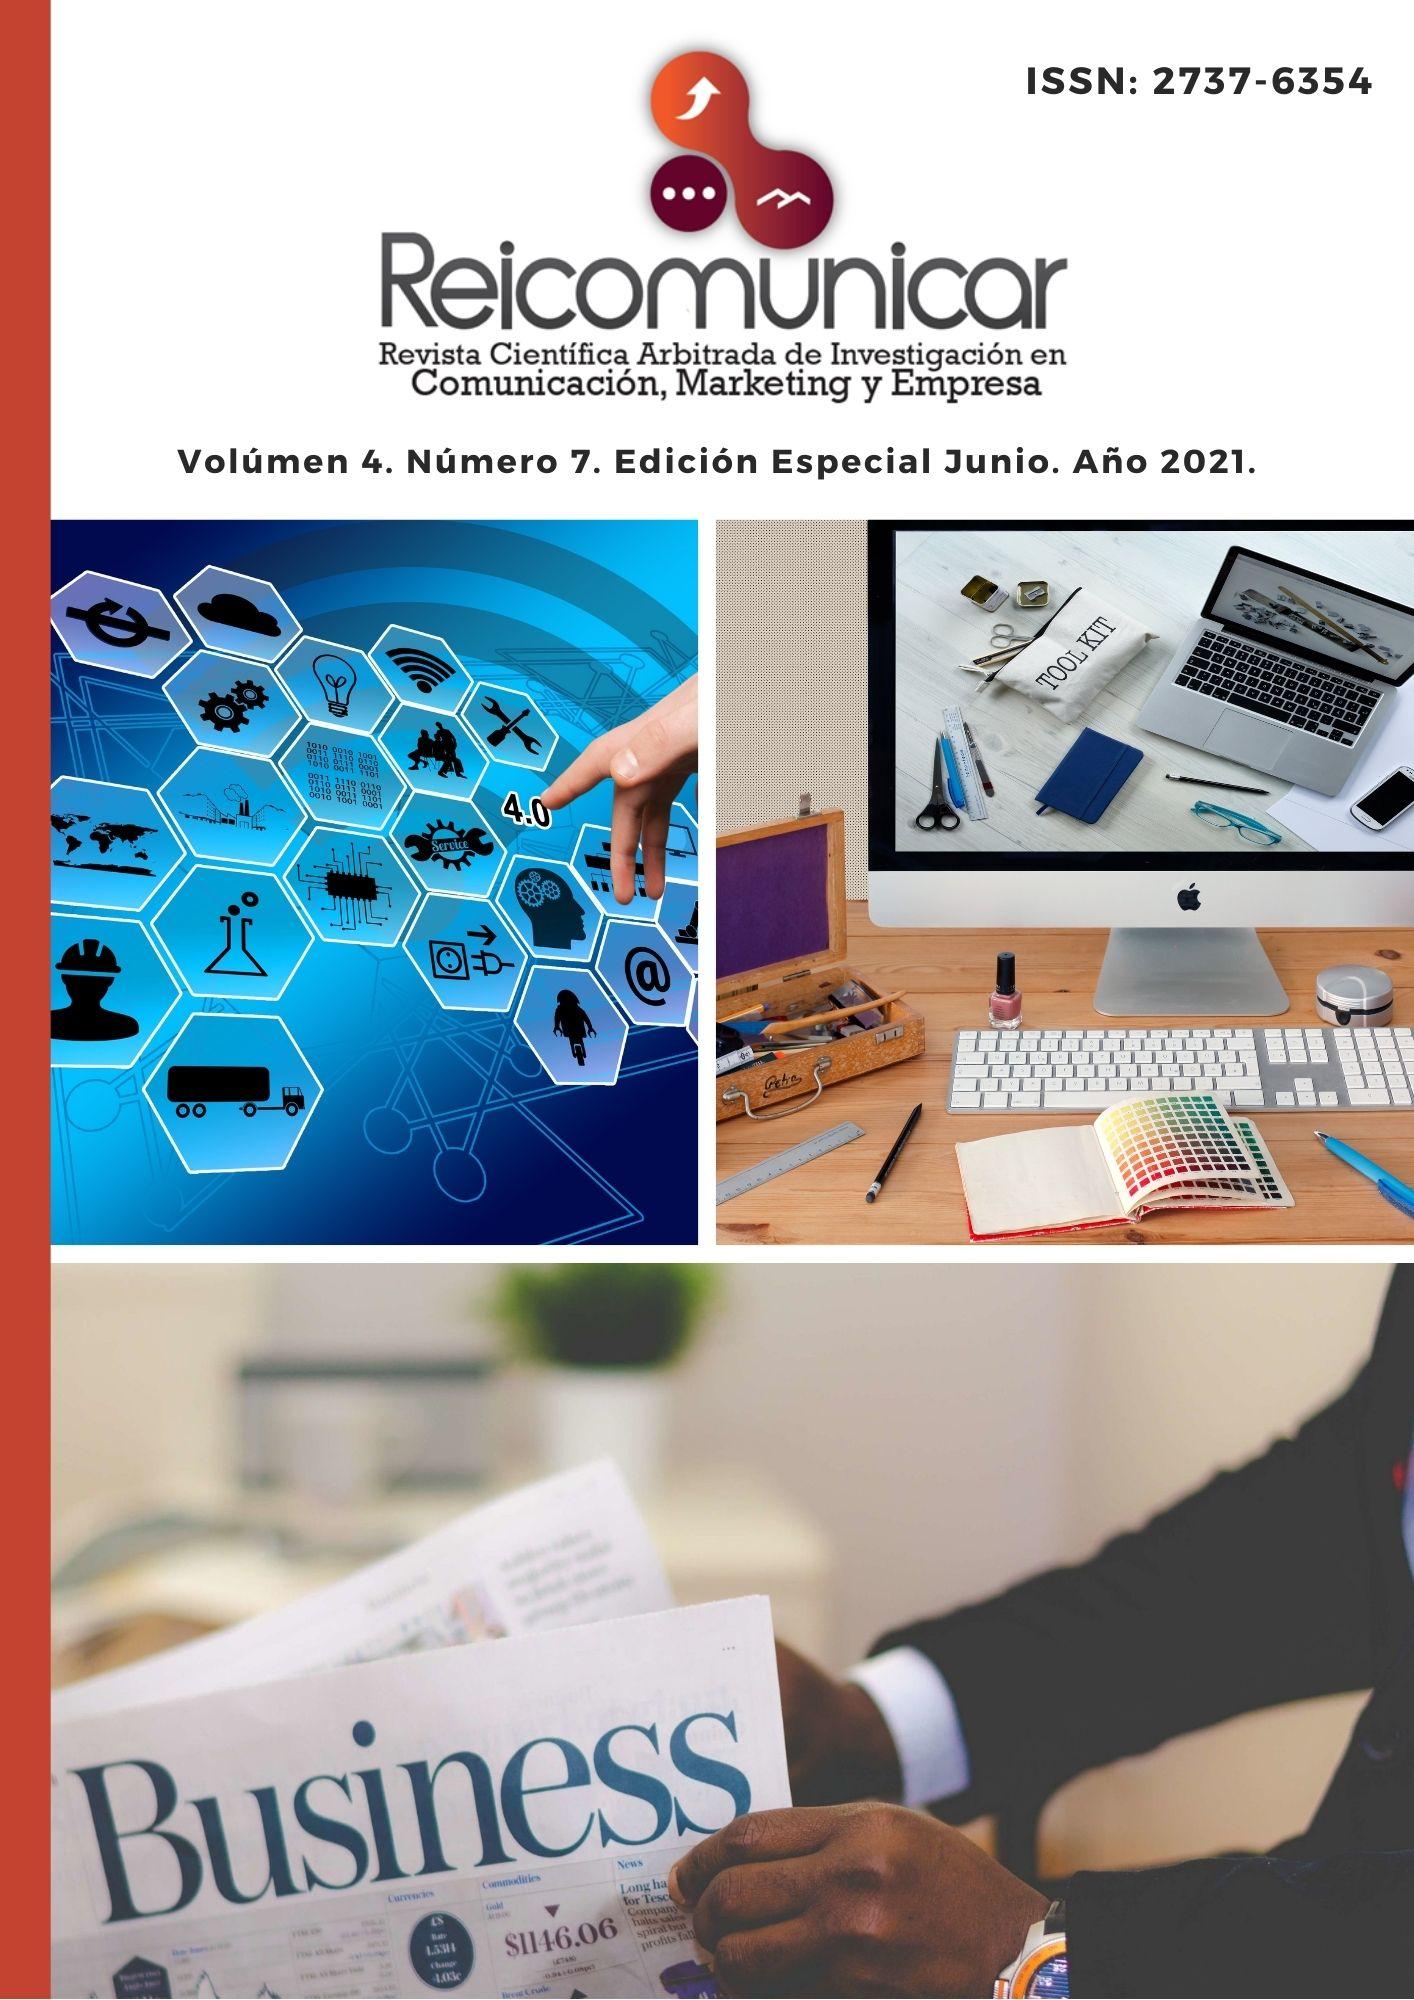 Ver Vol. 4 Núm. 7 Ed. esp. (2021): Revista Científica Arbitrada de Investigación en Comunicación, Marketing y Empresa REICOMUNICAR. (Edición especial junio 2021)